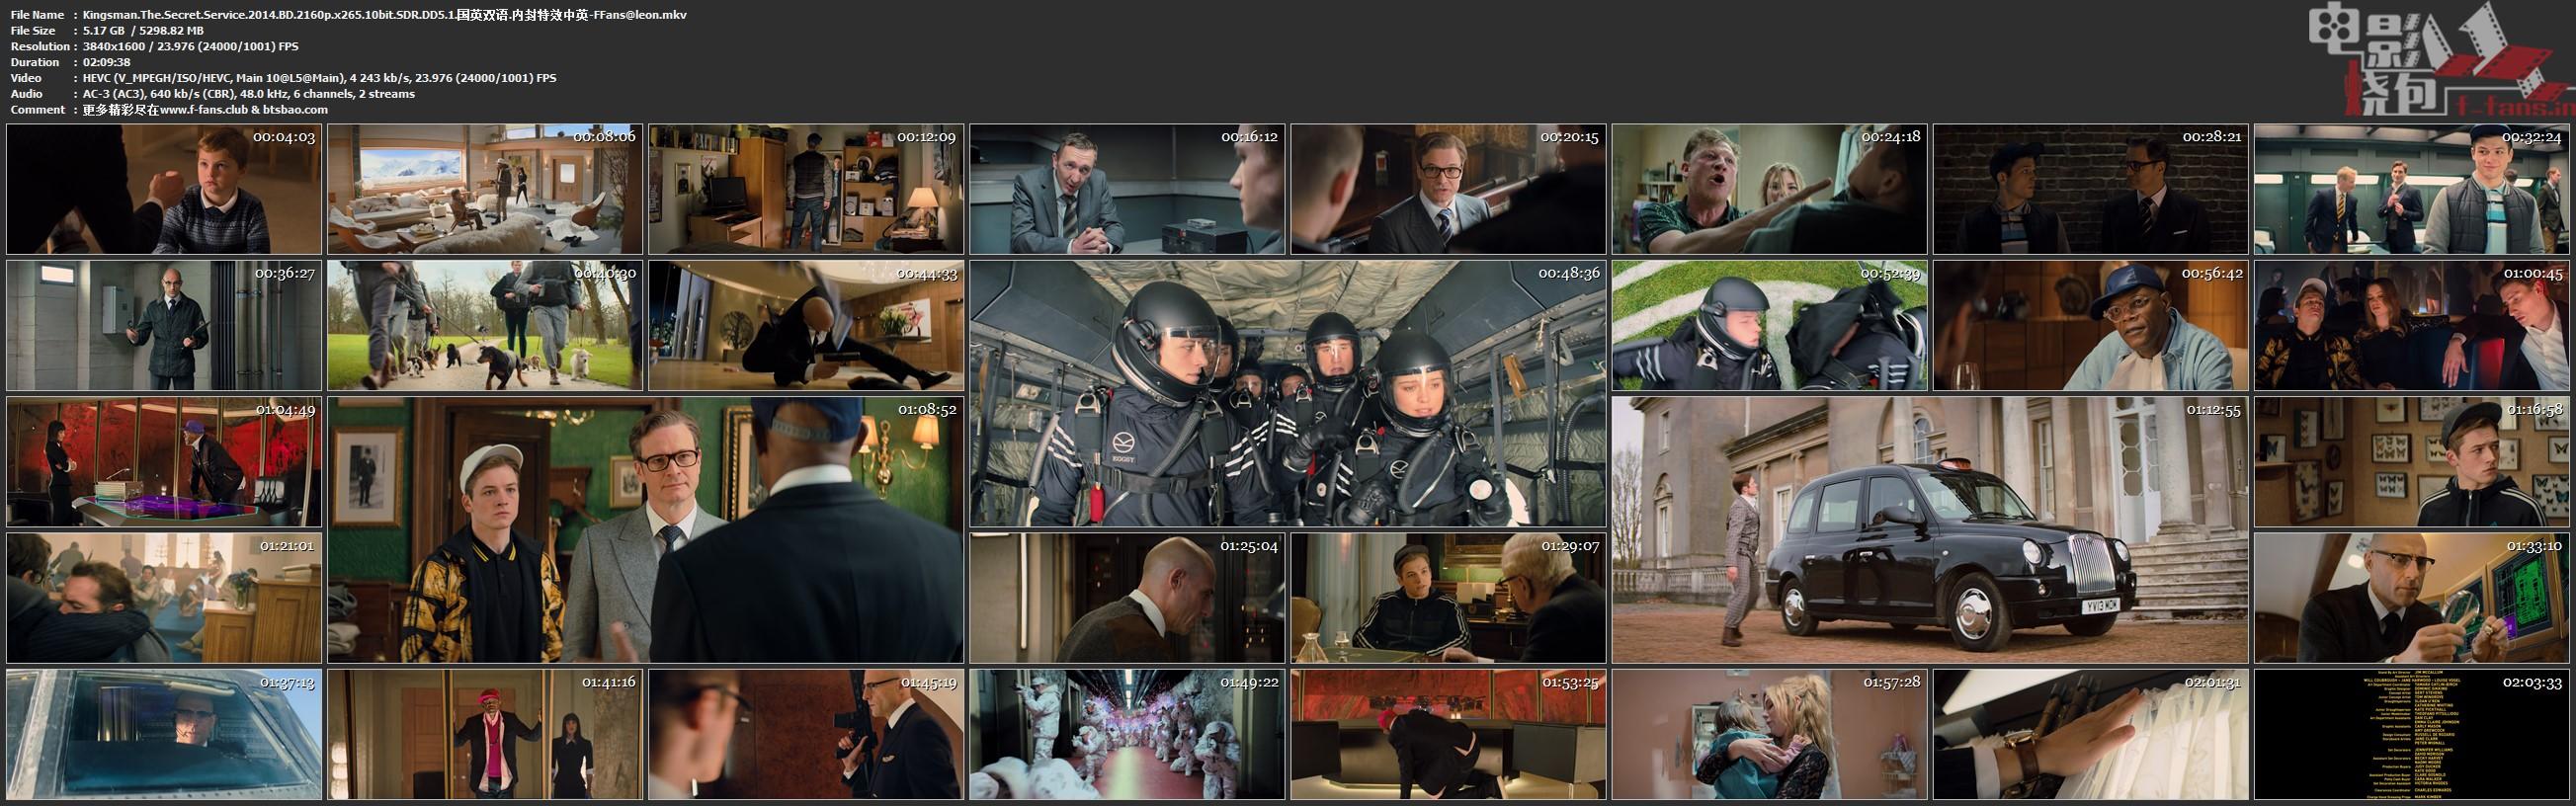 Kingsman.The.Secret.Service.2014.BD.2160p.x265.10bit.SDR.DD5.1..-FFansleon.mkv.jpg